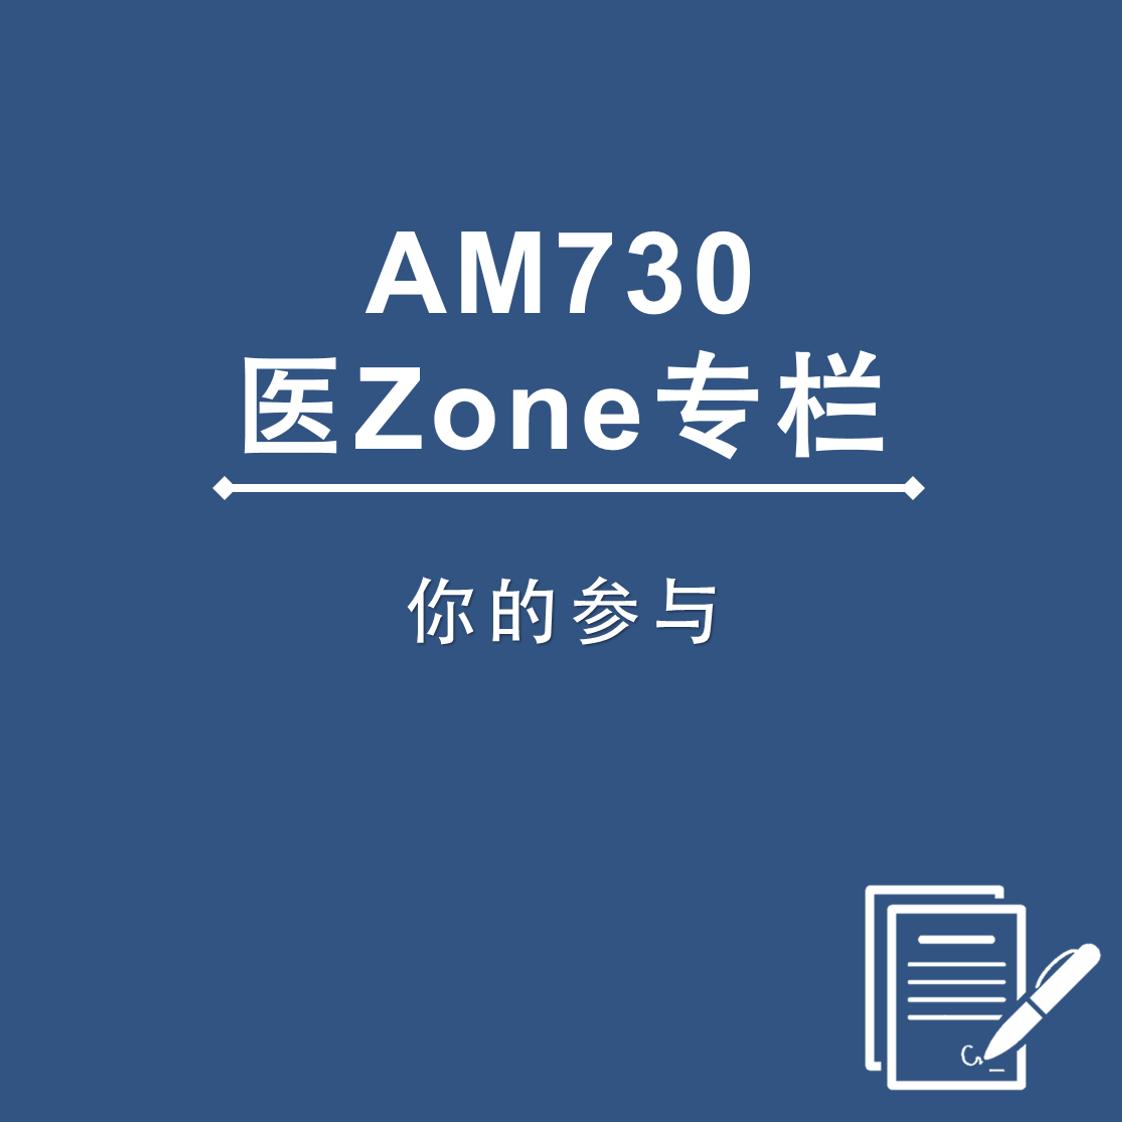 AM730 医Zone 专栏 - 你的参与